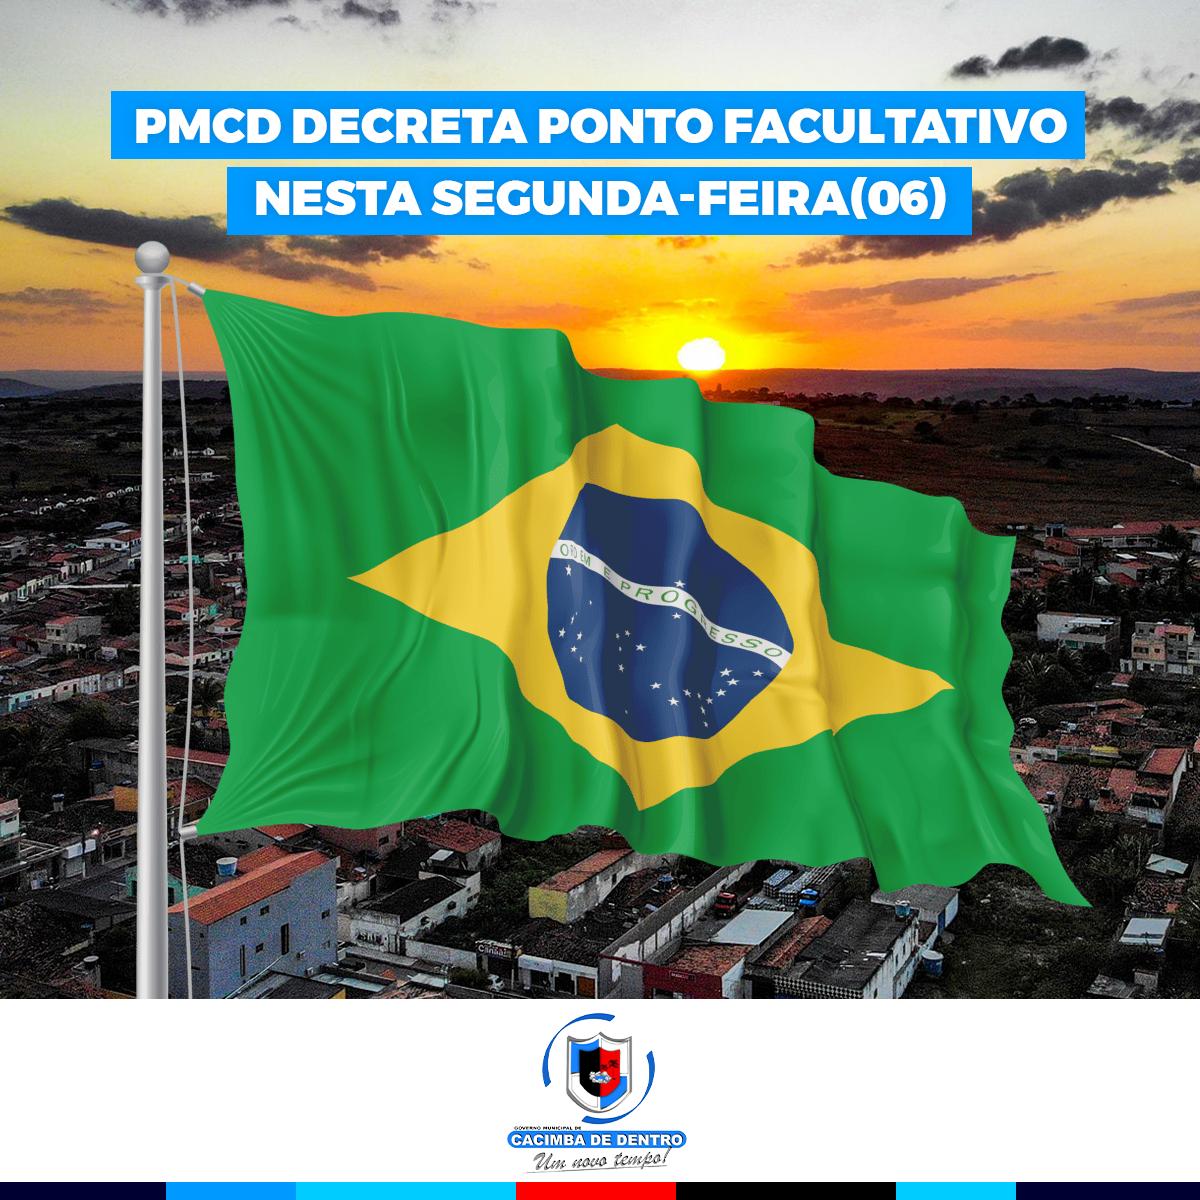 DECRETO Nº0137/2021 PONTO FACULTATIVO NO DIA 06 DE SETEMBRO DE 2021 EM VIRTUDE DAS COMEMORAÇÕES ATINENTES À INDEPENDÊNCIA DO BRASIL